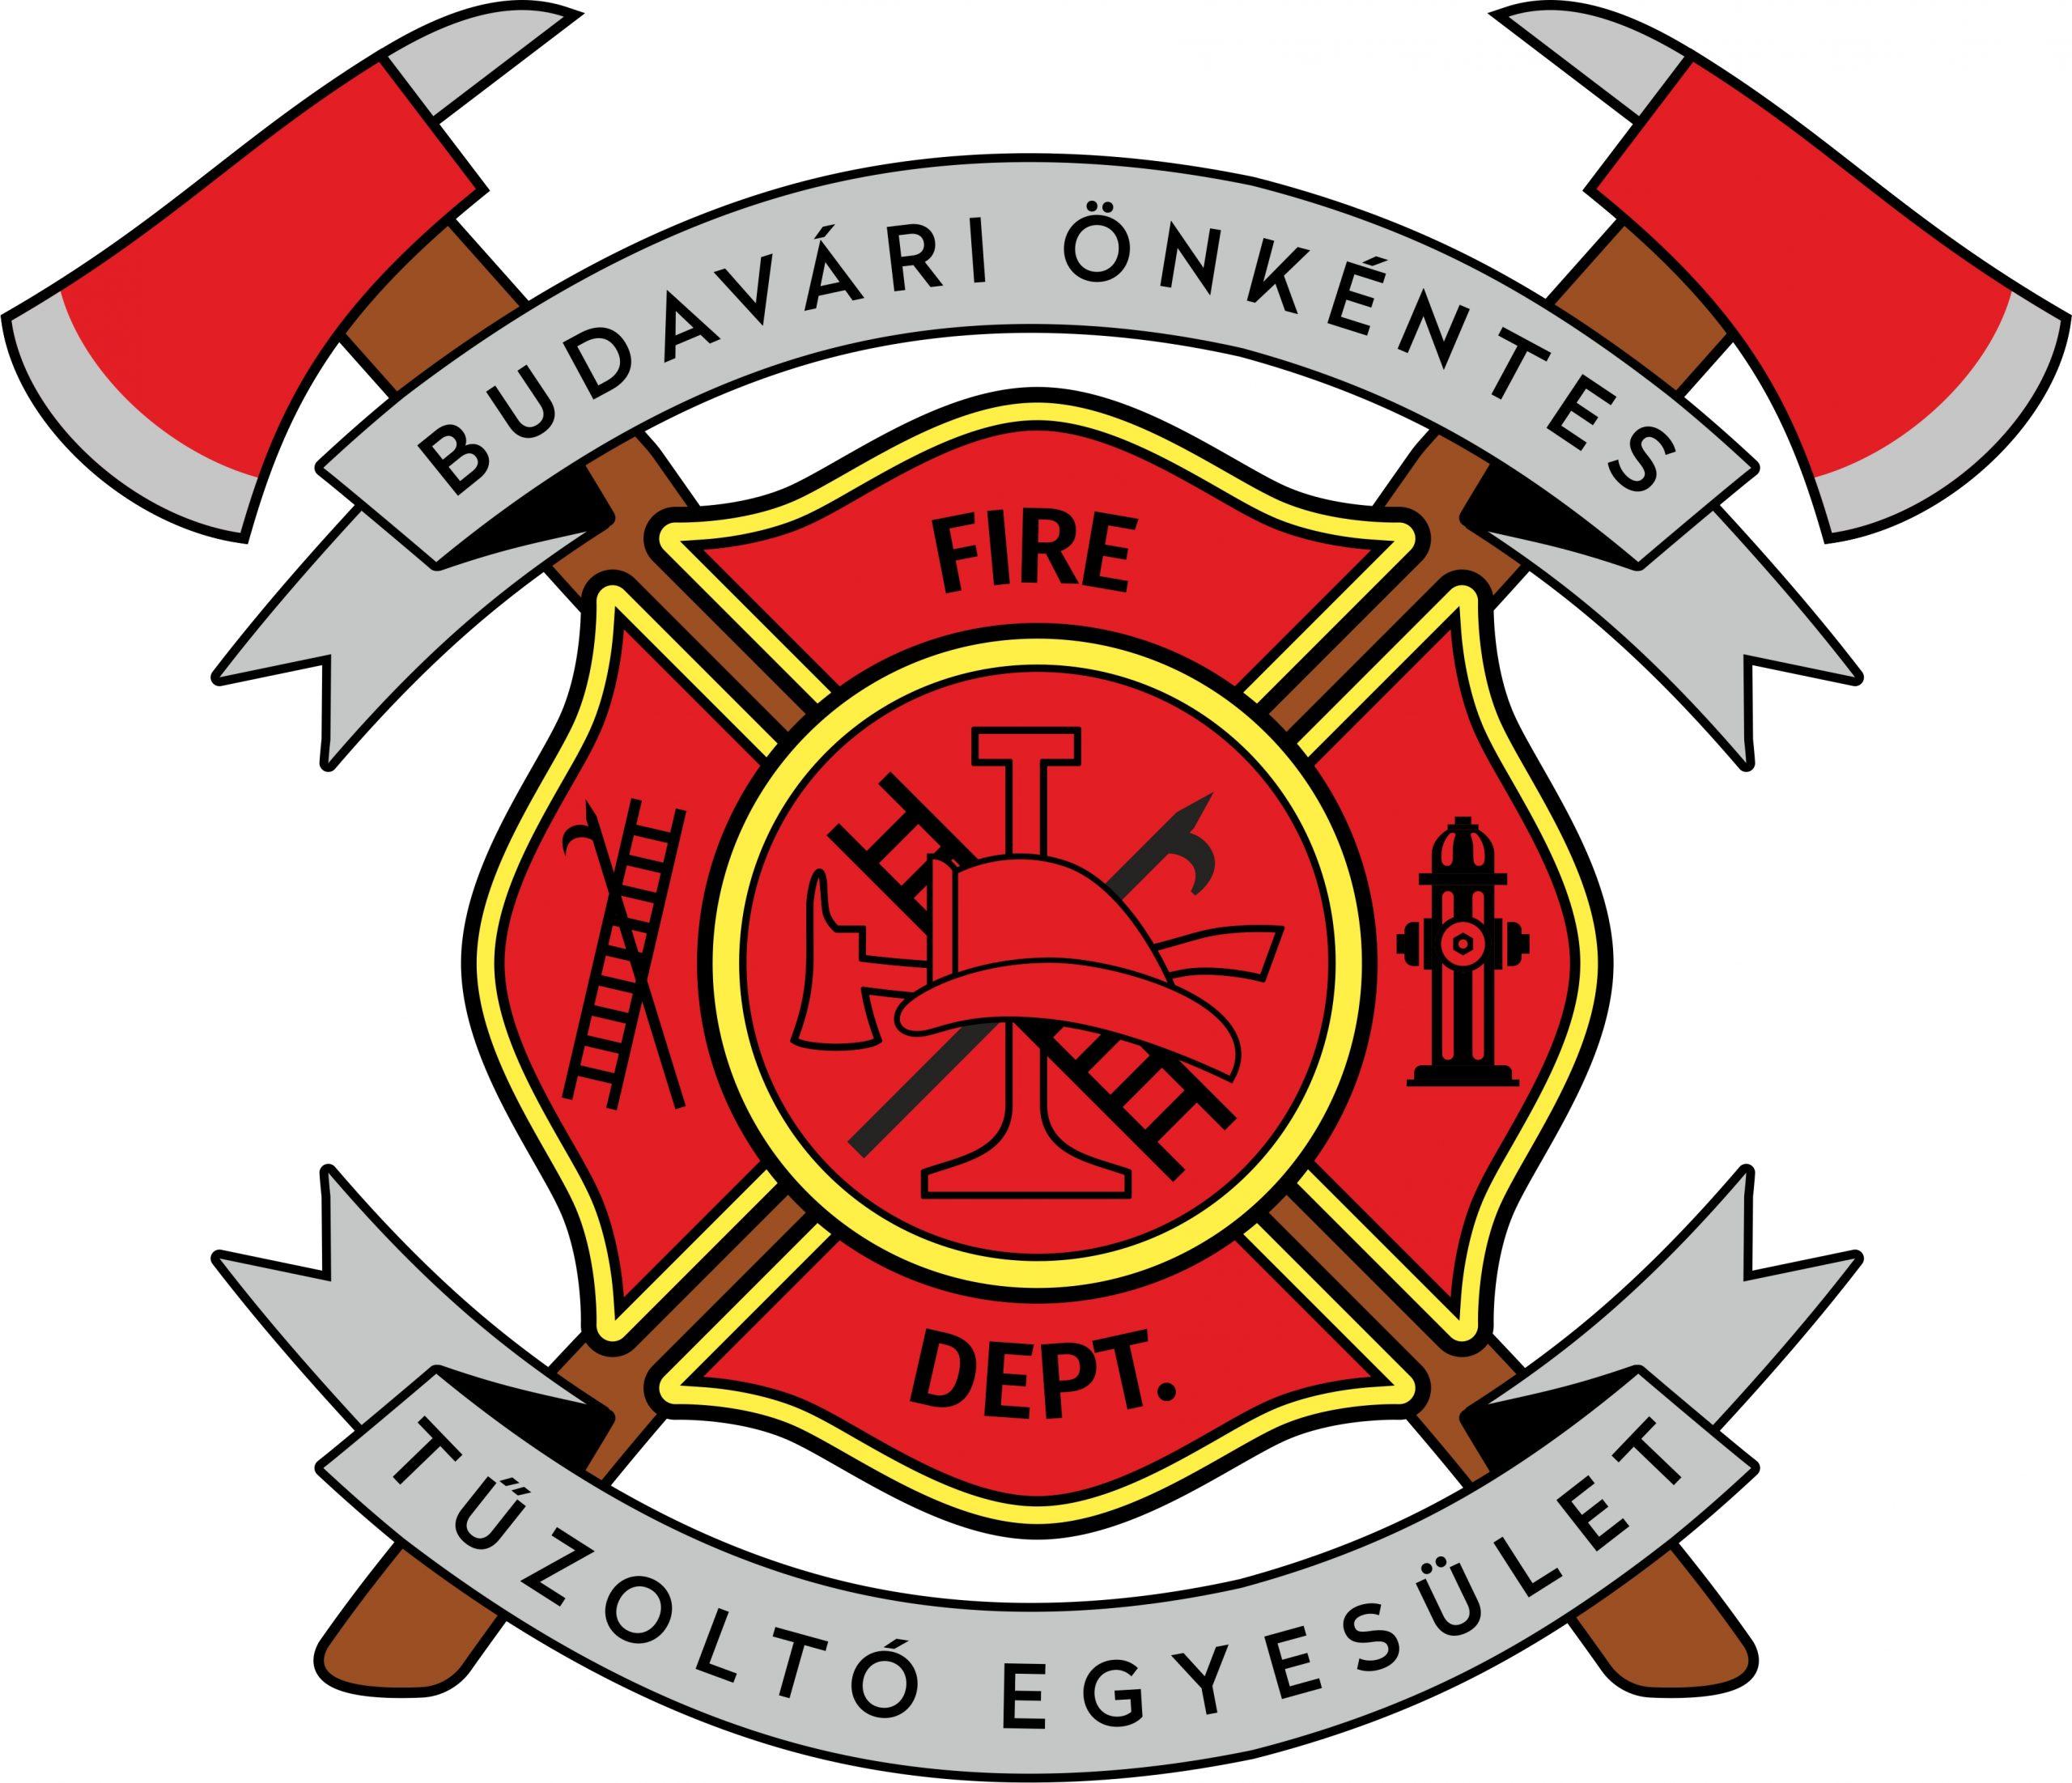 Budavári Önkéntes Tűzoltó Egyesület